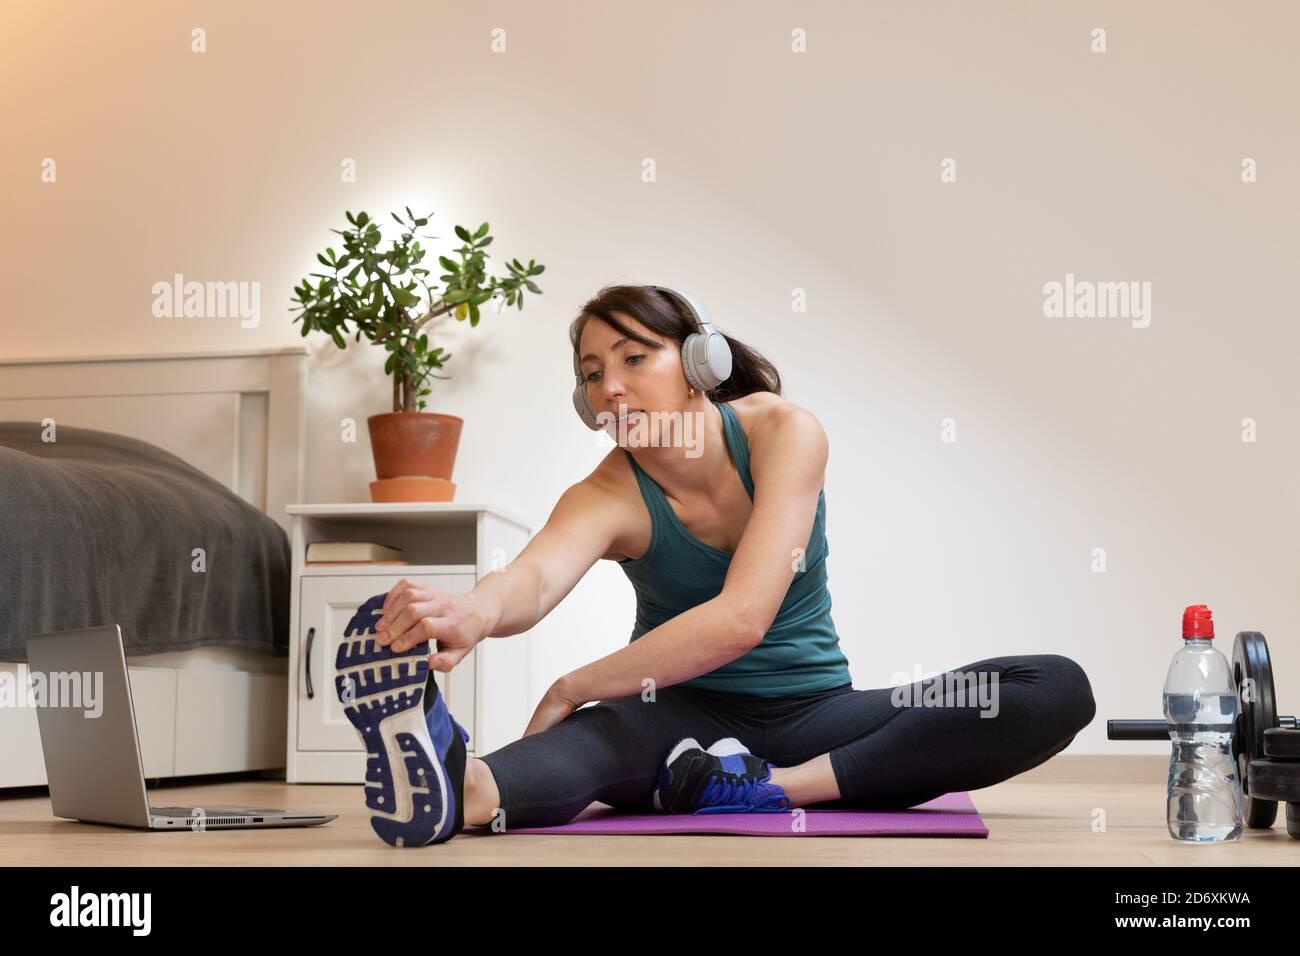 De belles femmes qui font de la remise en forme à la maison près du lit et regarder des tutoriels en ligne sur ordinateur portable dans la lumière naturelle. Concept de sport et de loisirs. Banque D'Images